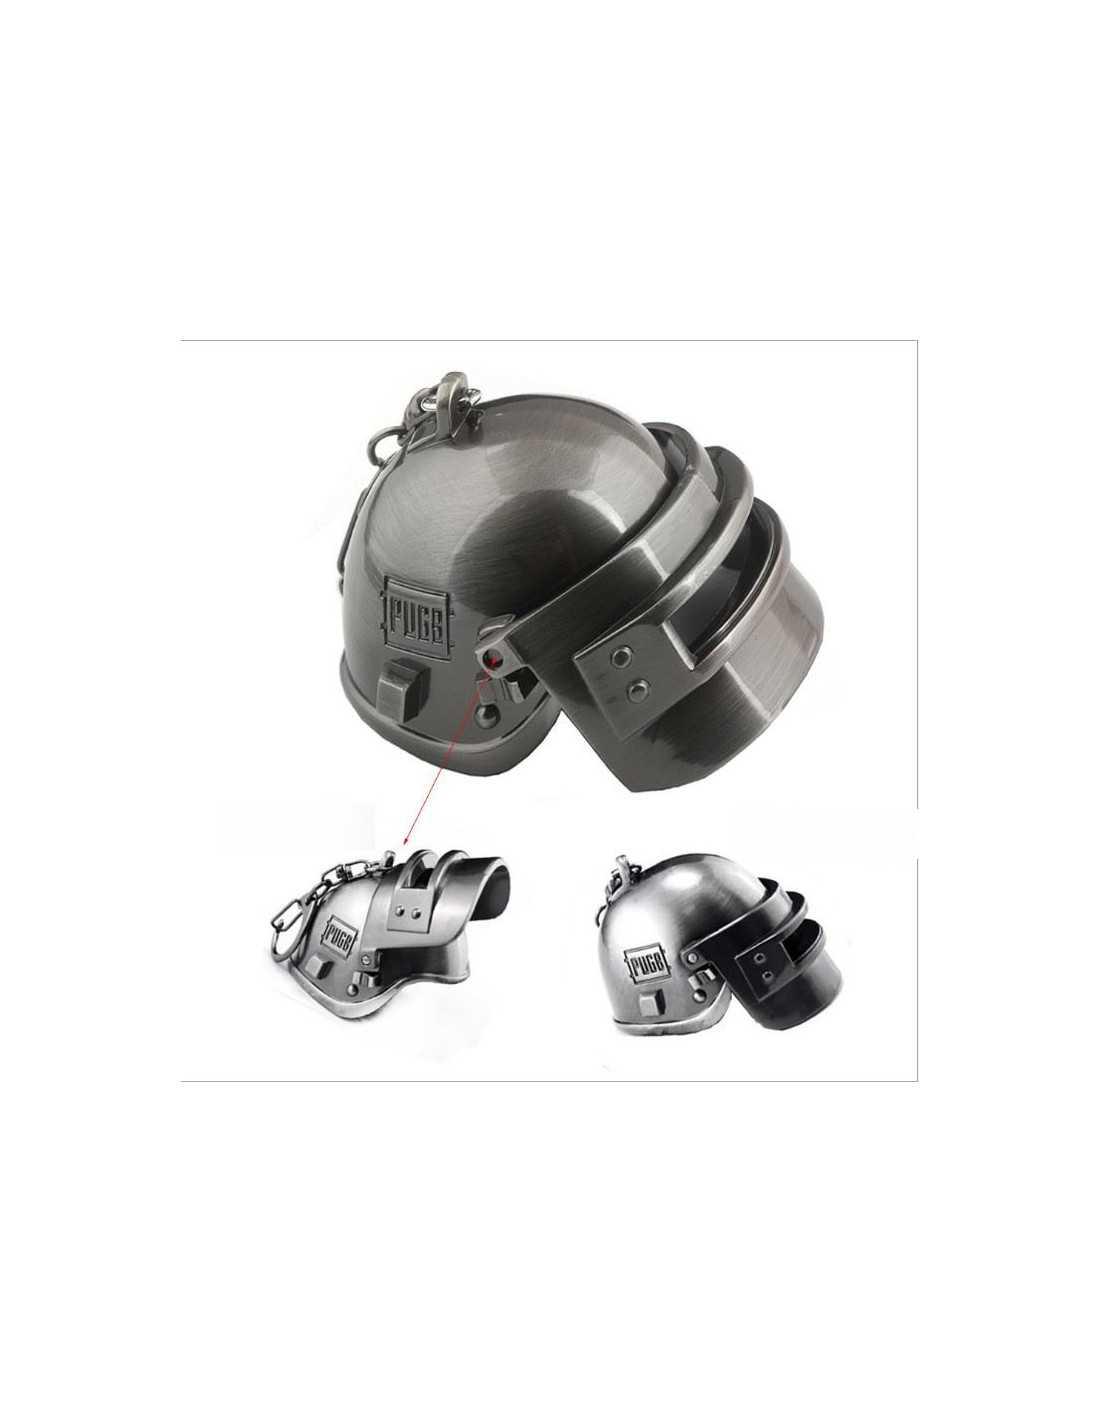 Брелок шлем открывающийся PUBG маленький